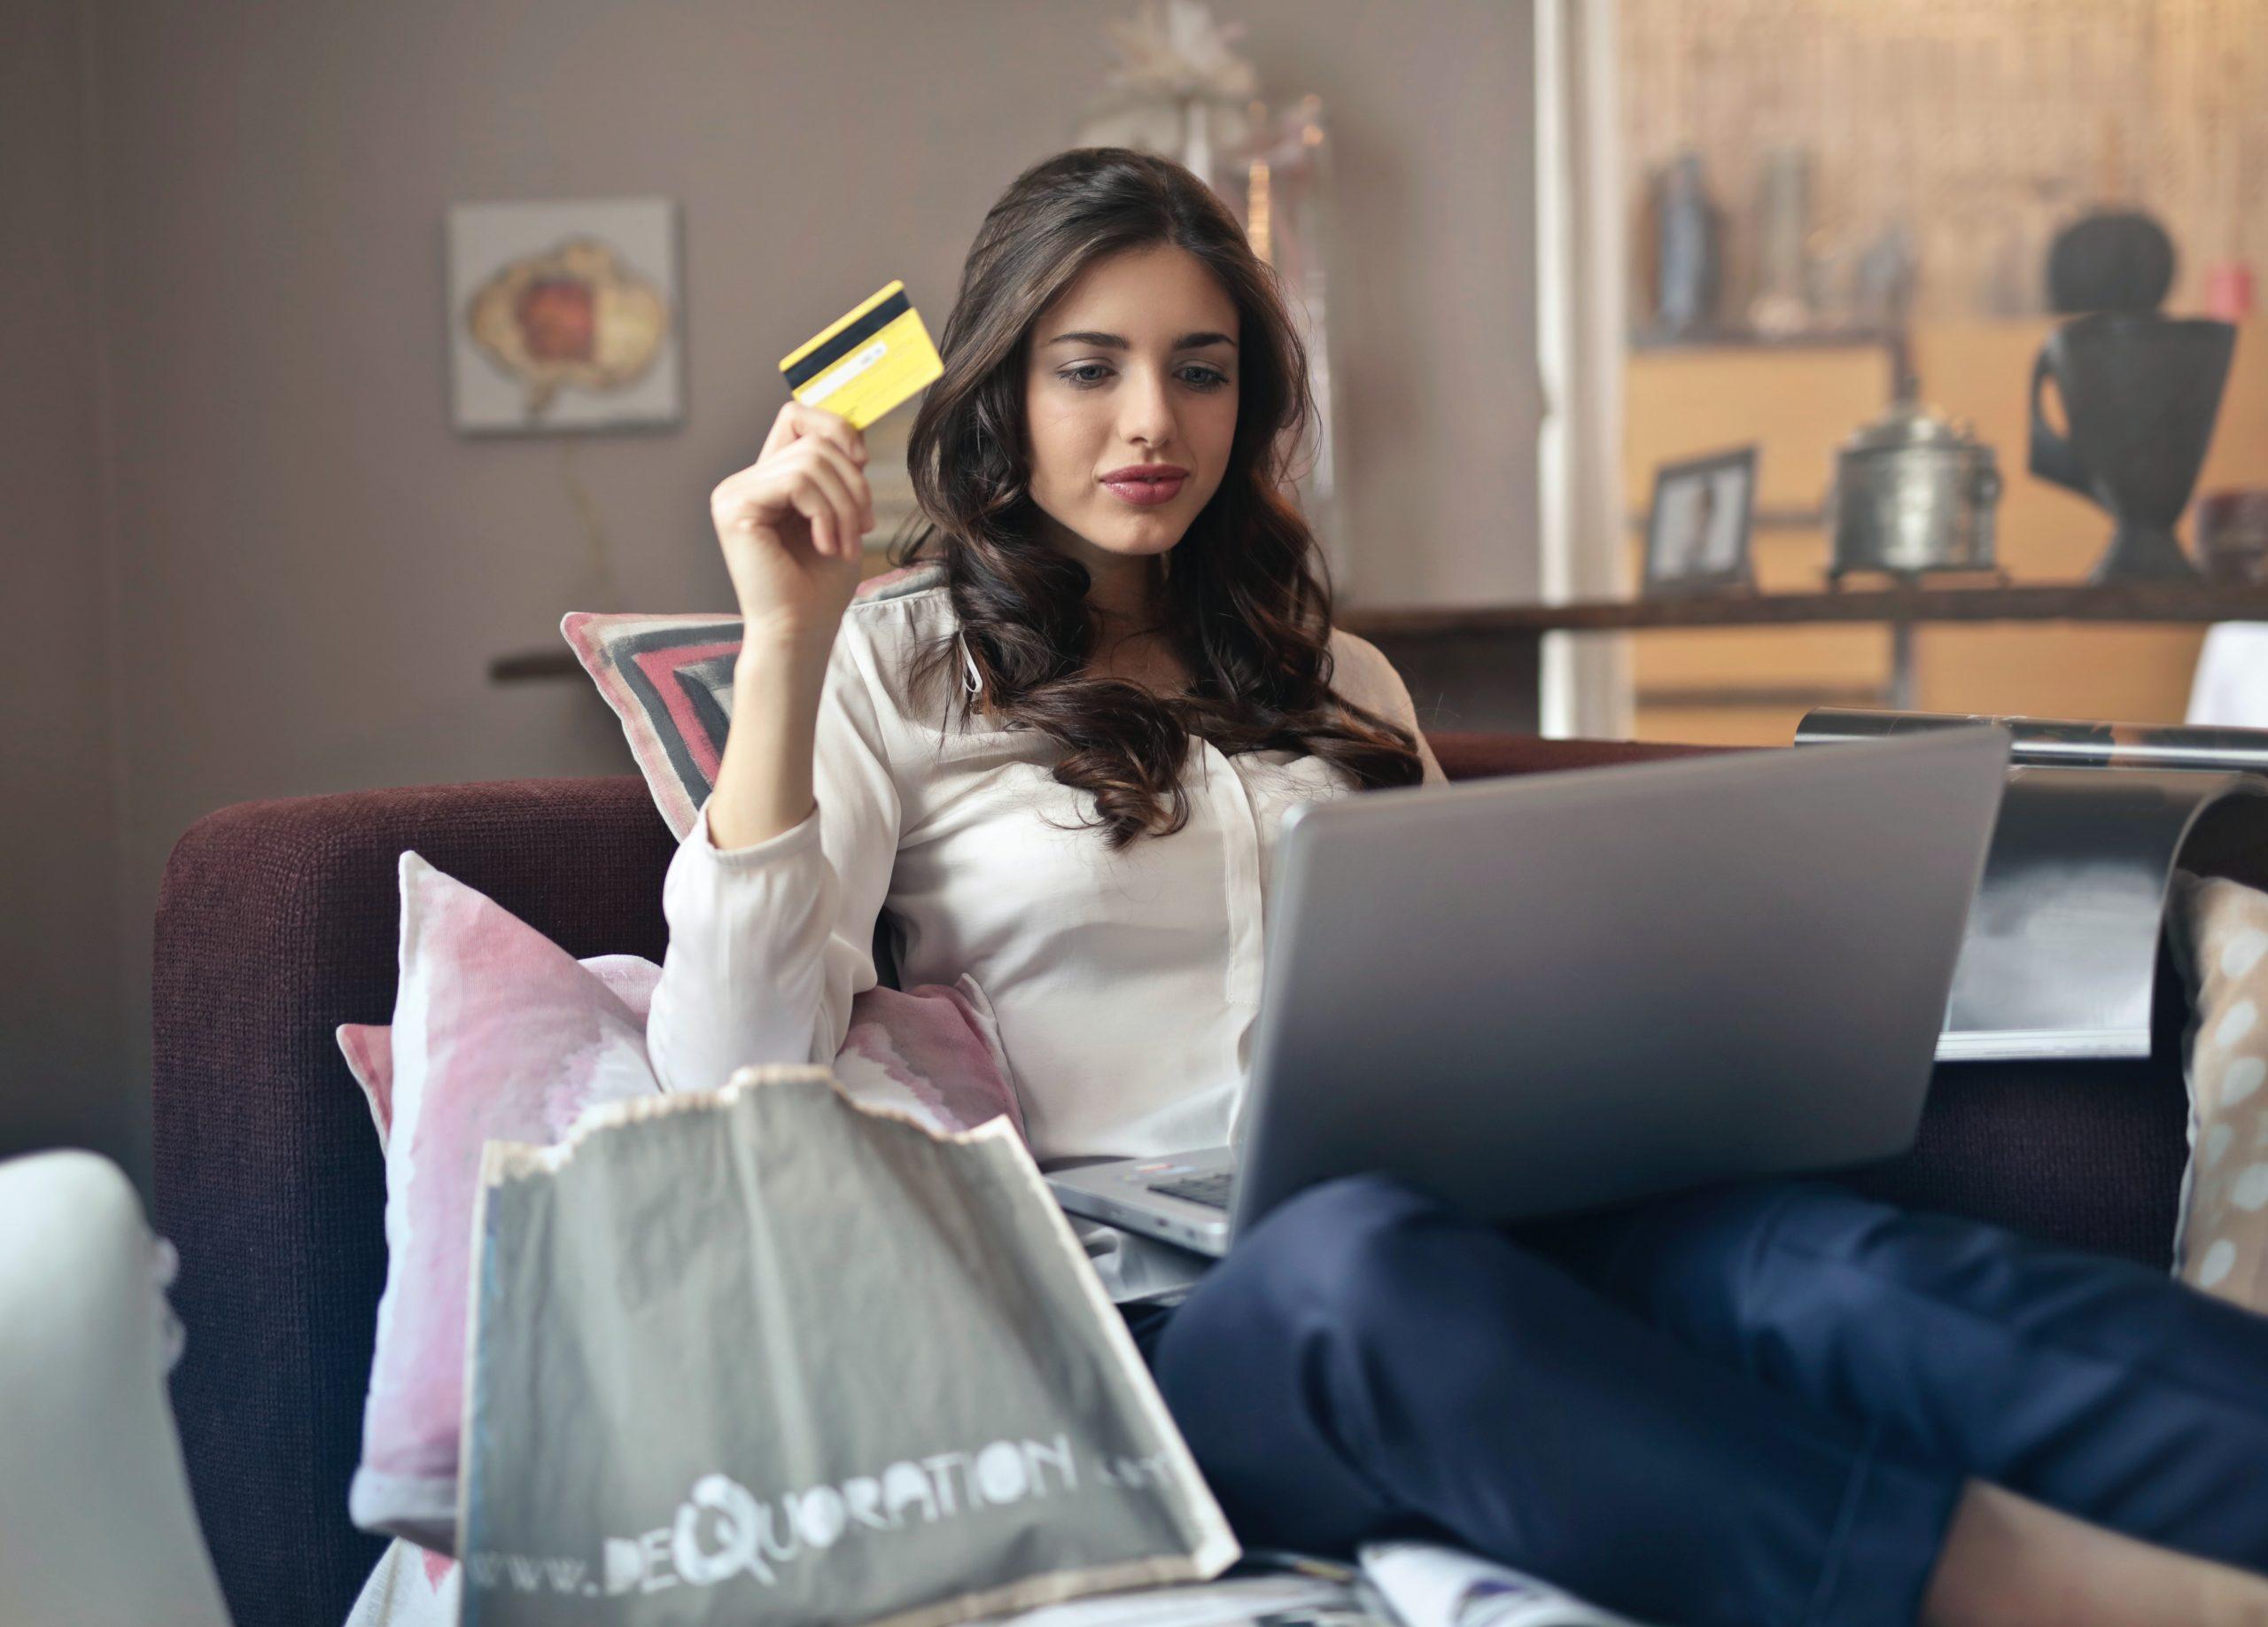 Positive Customer Experience beim gemütlichen Online-Shoppen auf der Couch